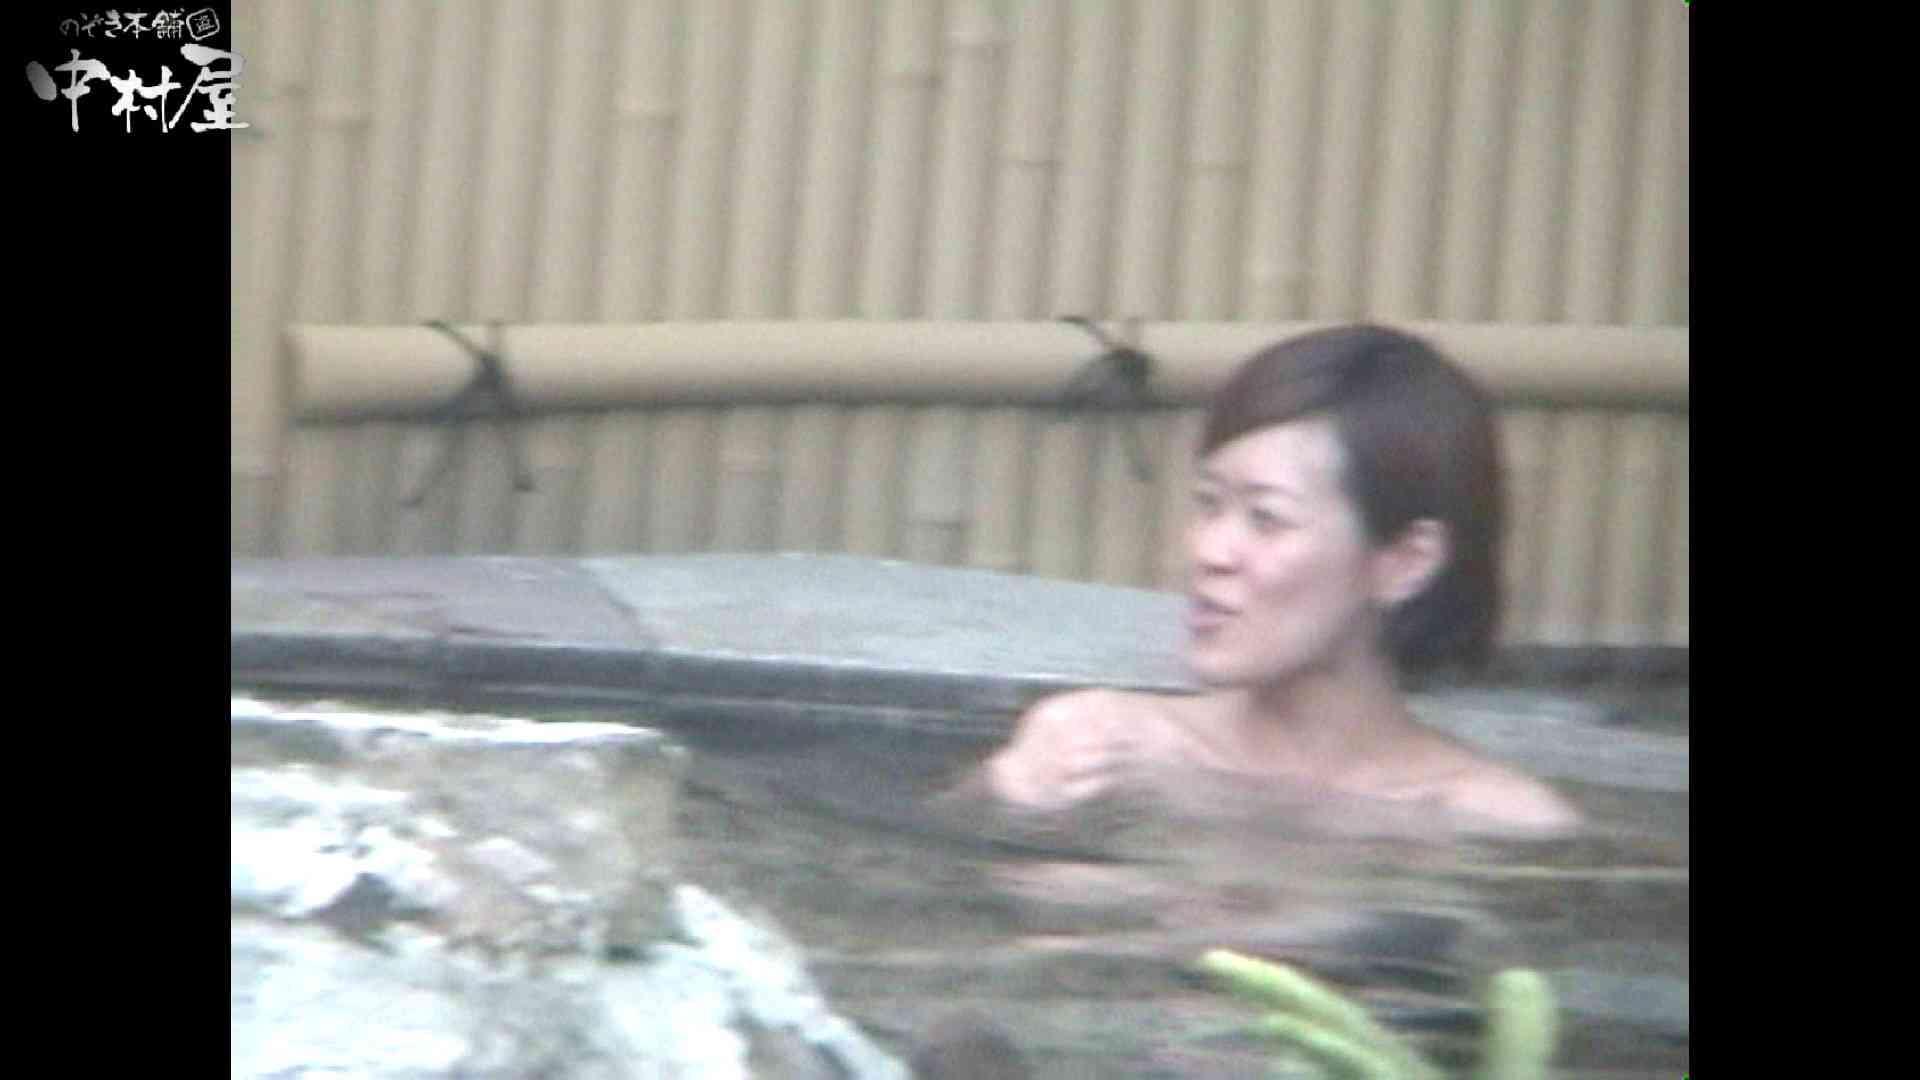 Aquaな露天風呂Vol.961 盗撮 スケベ動画紹介 104連発 38